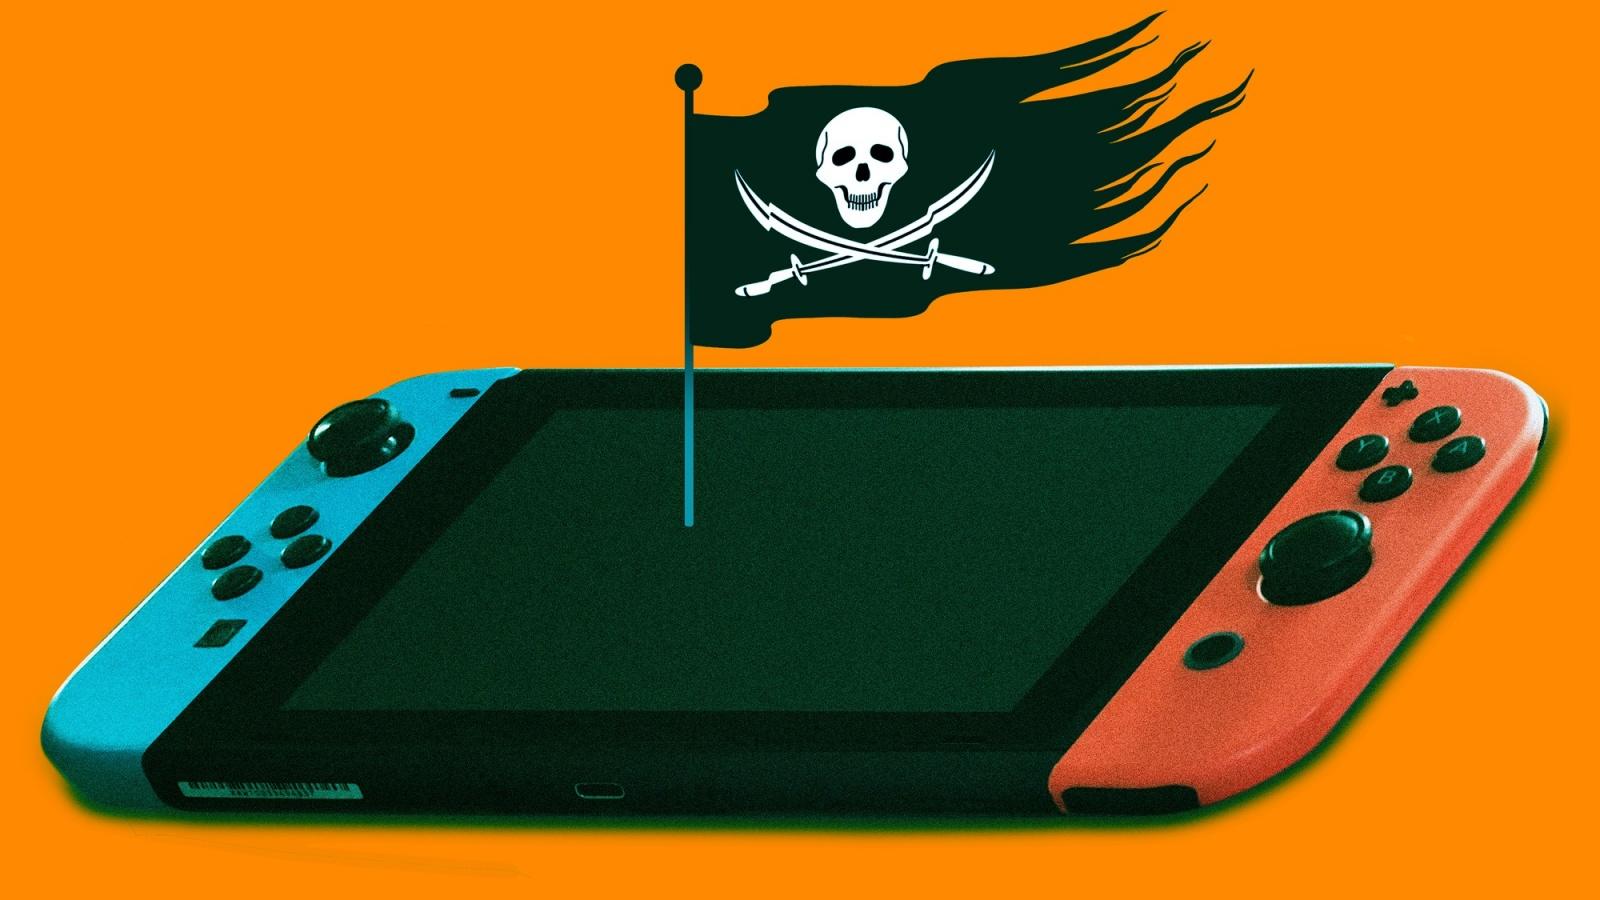 Подробности беспорядочной и тёмной стороны пиратских игр для Nintendo Switch - 1